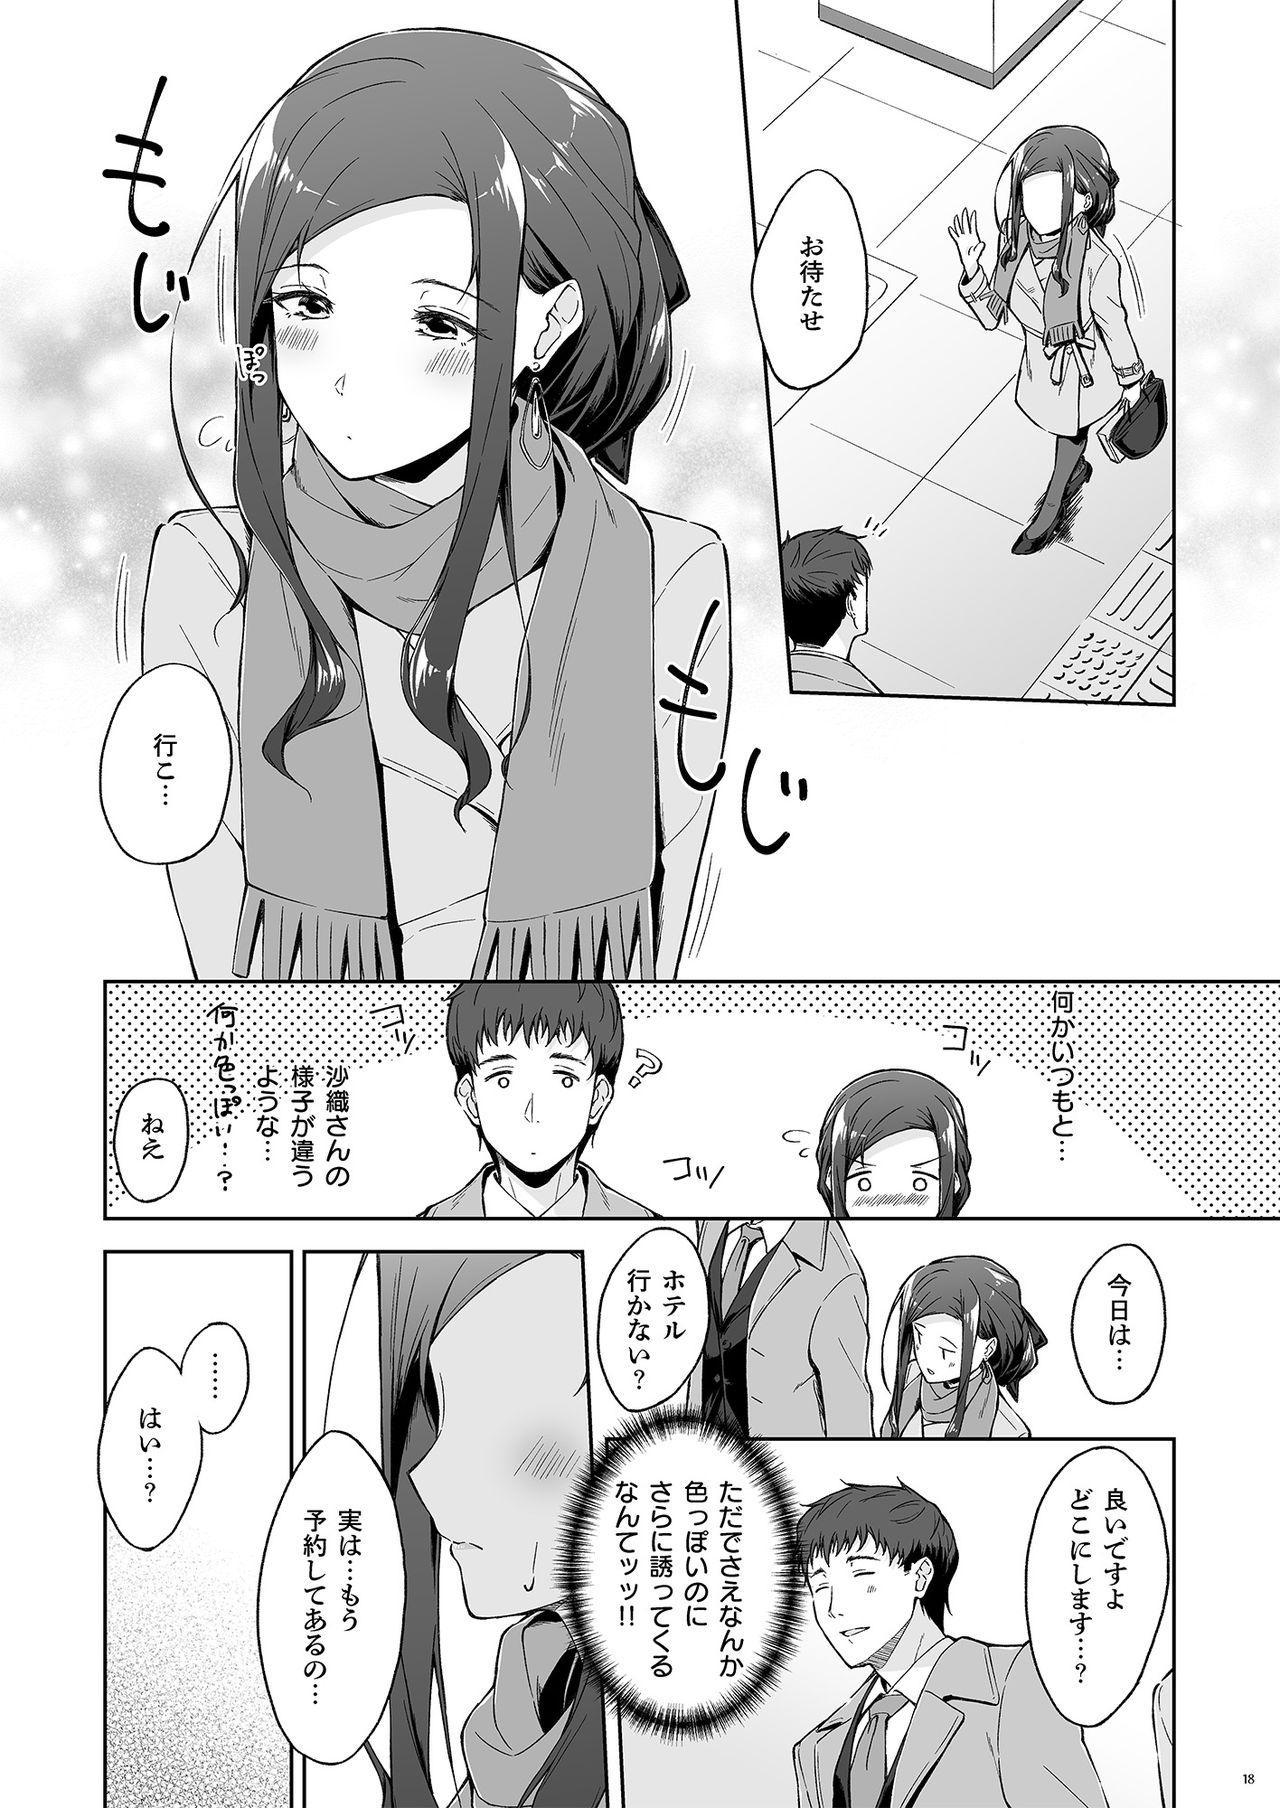 Kyuujitsu no Joushi ni wa, Kawaii Himitsu ga Aru. 2 15